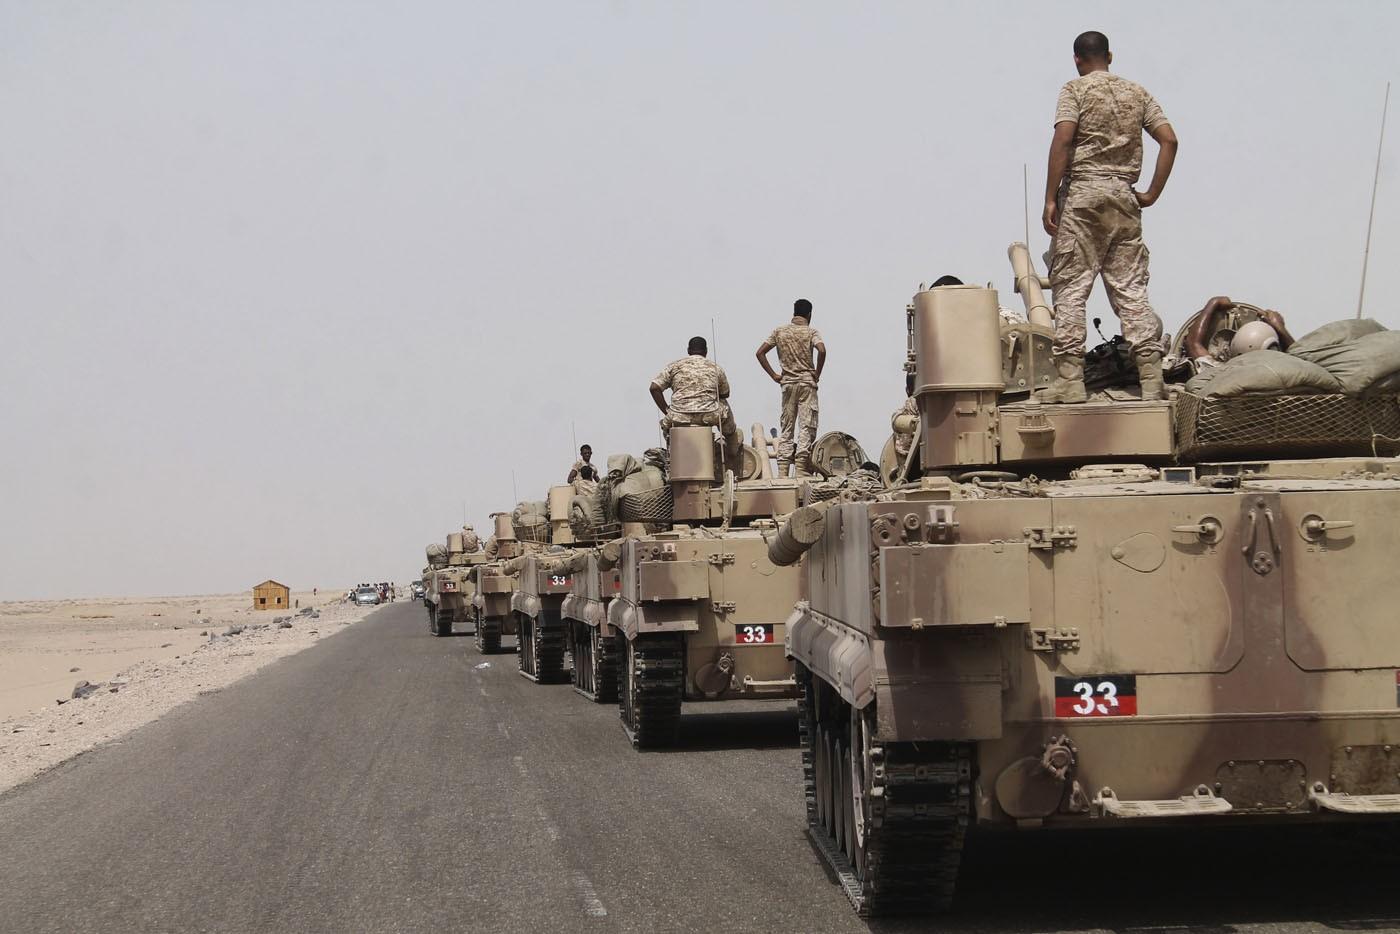 ООН Из-за возобновления боевых действий отменены переговоры по Йемену